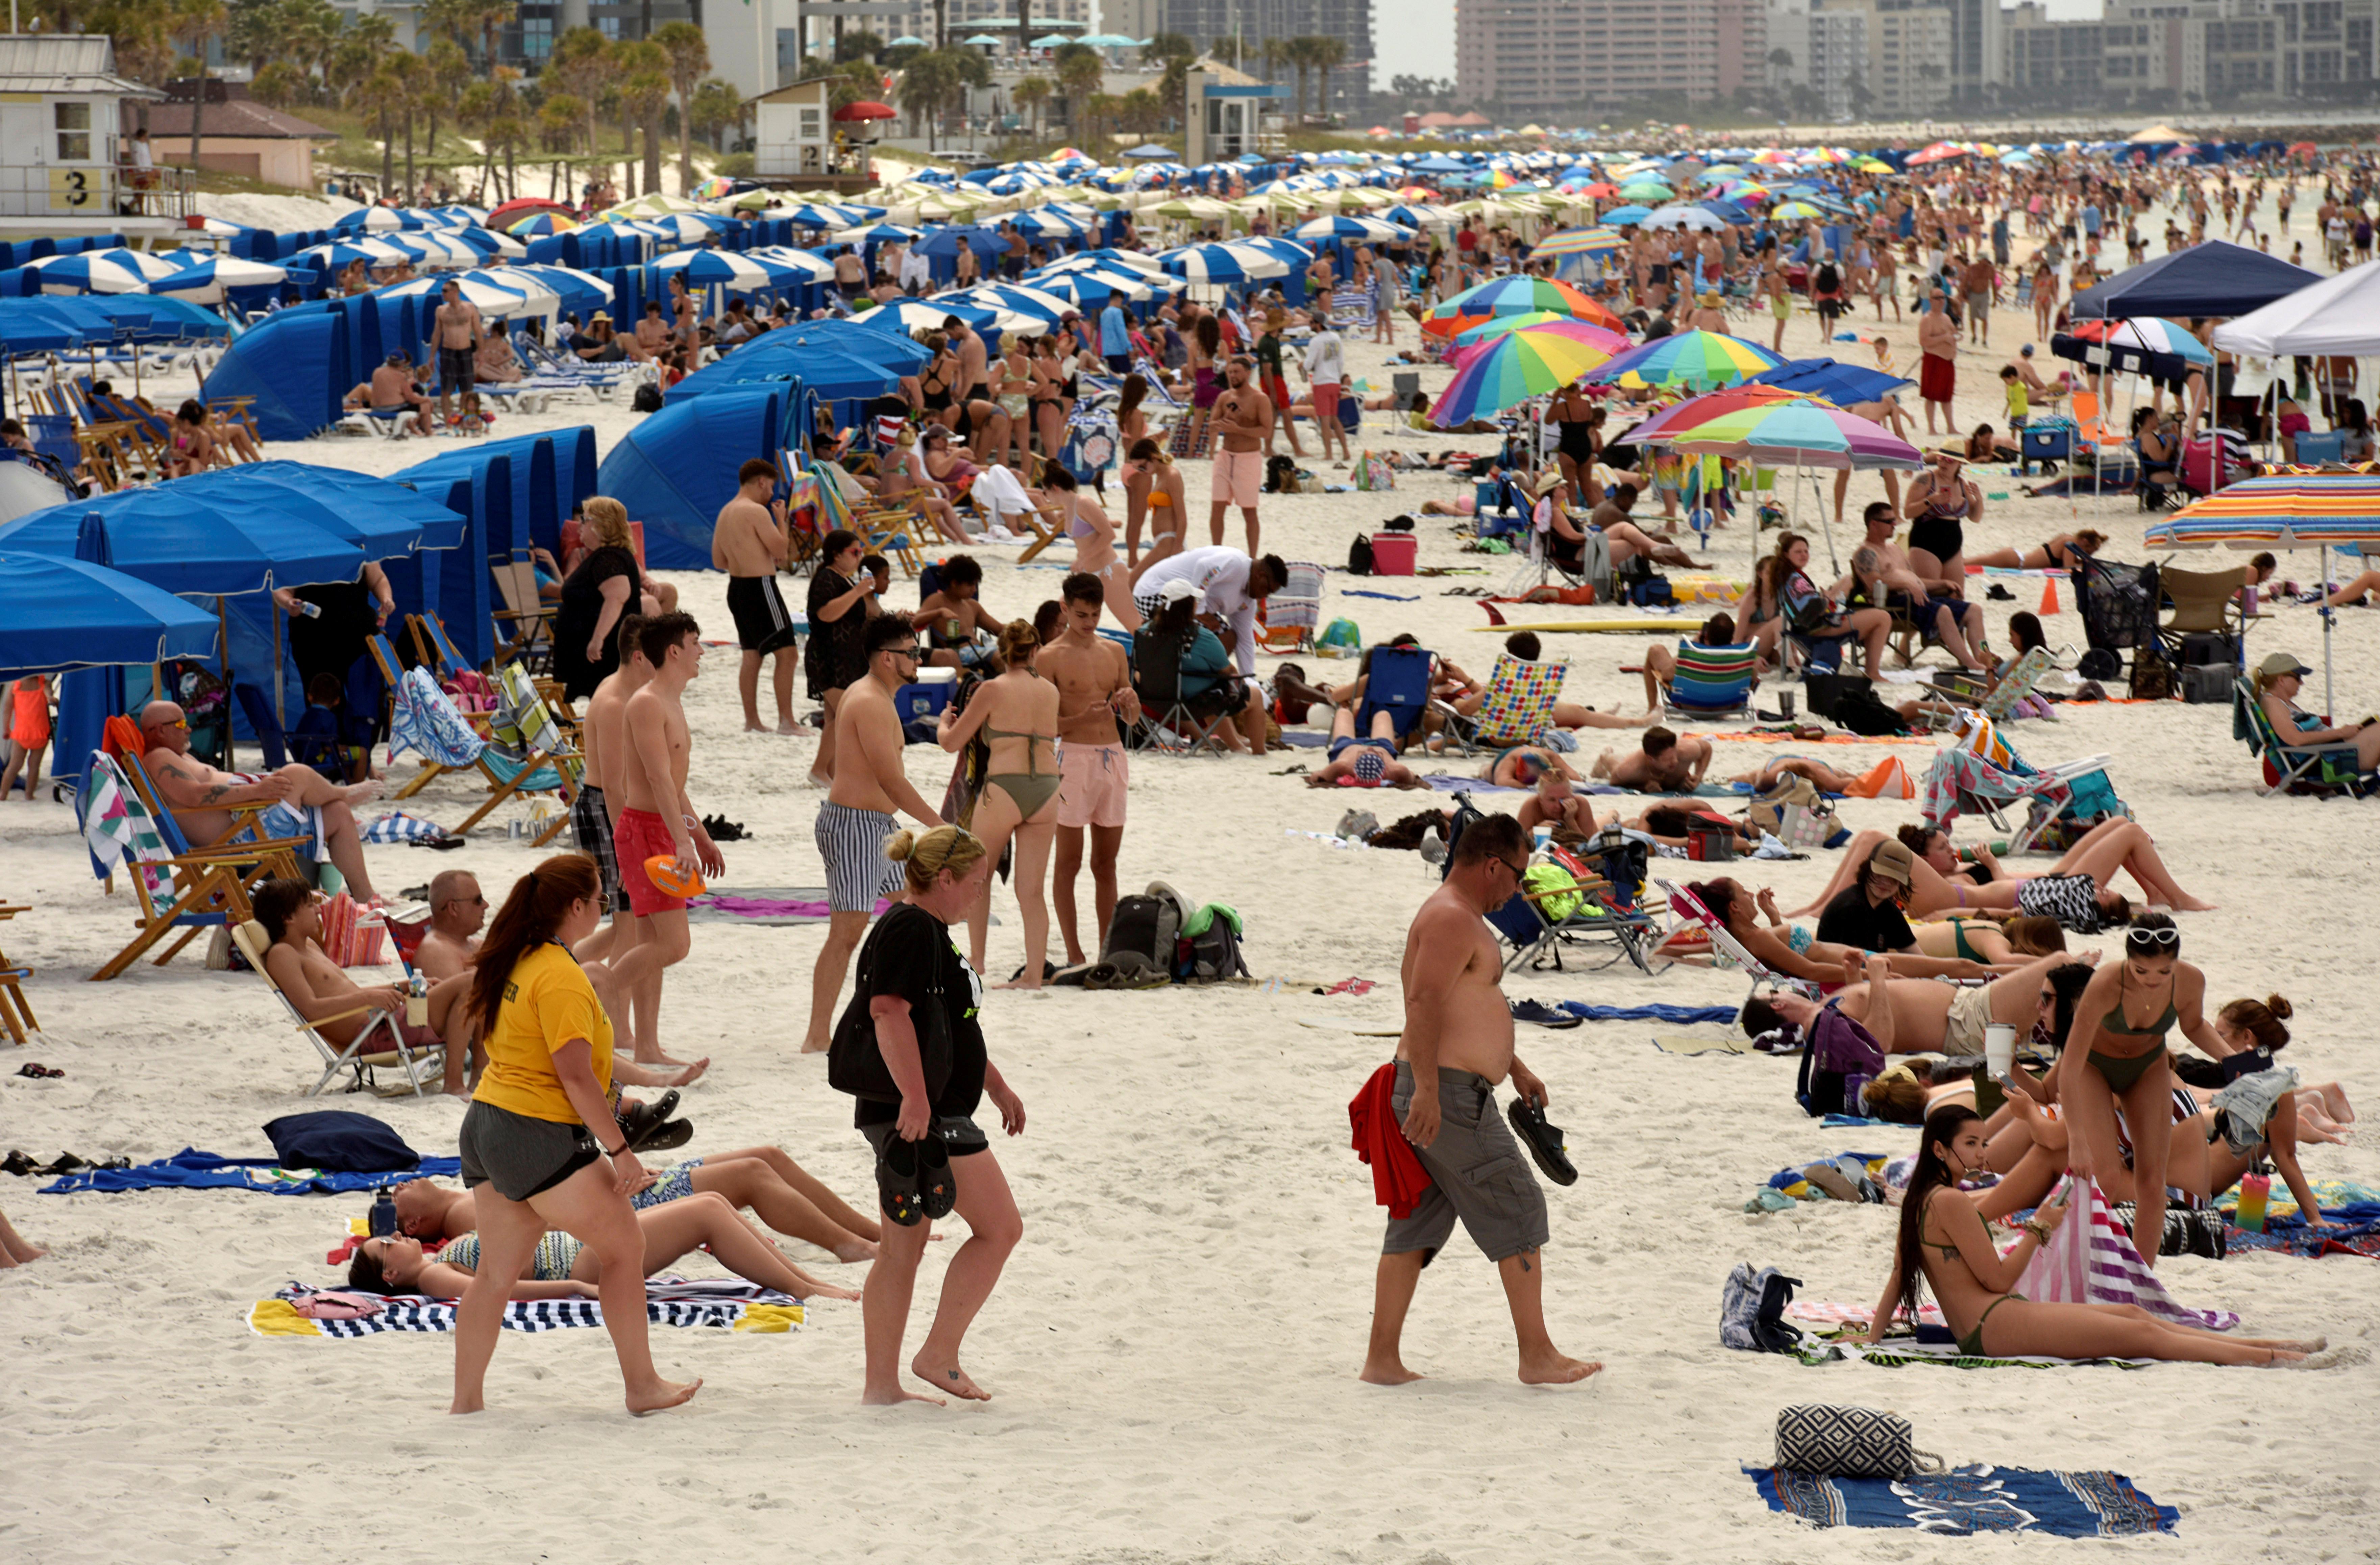 Miles de personas en una playa de Clearwater (Reuters)